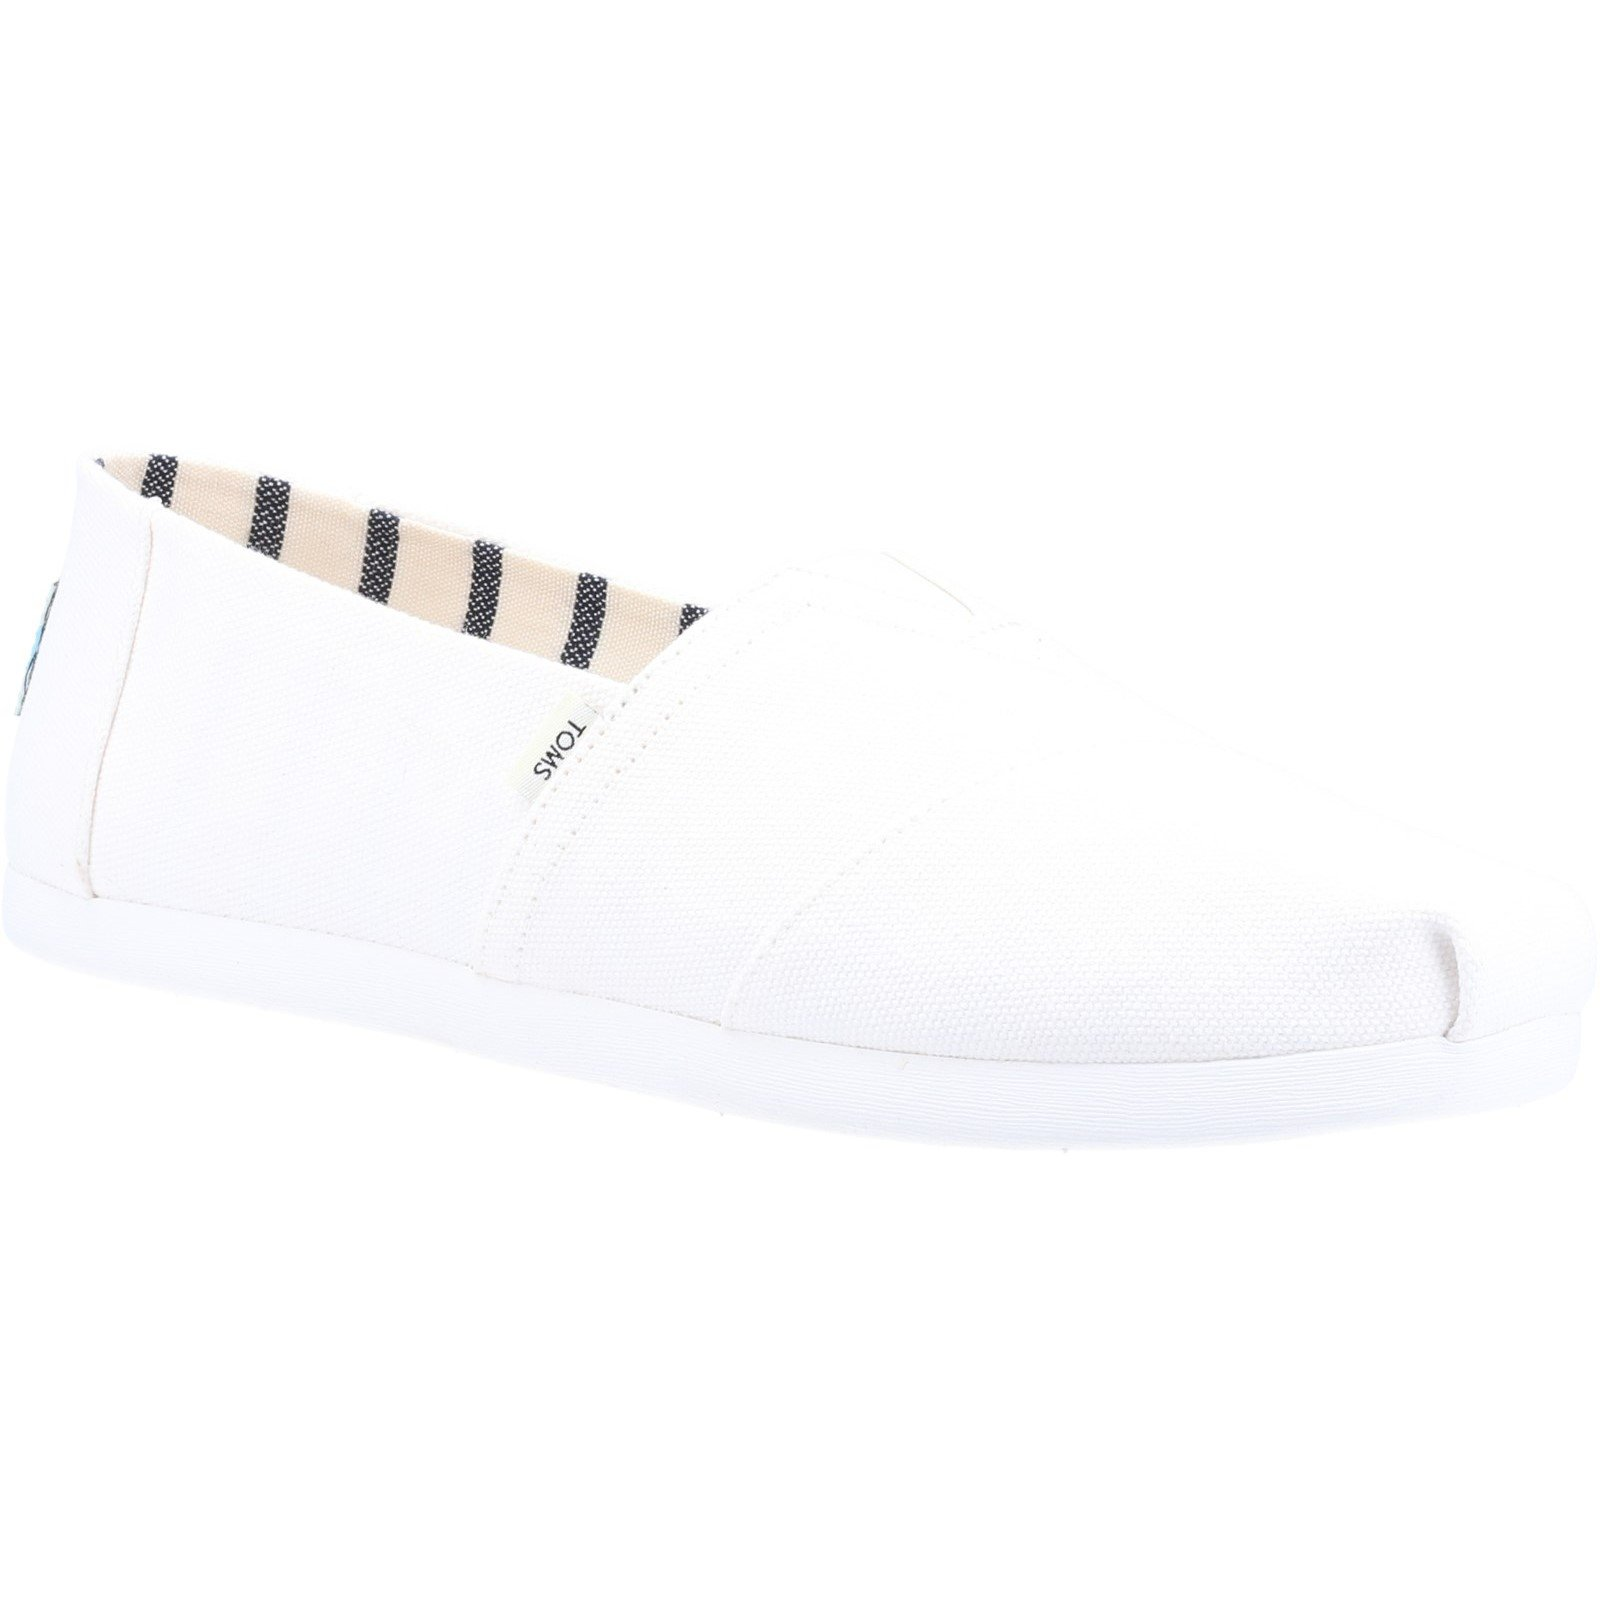 TOMS Men's Alpargata Canvas Loafer White 32554 - White 11